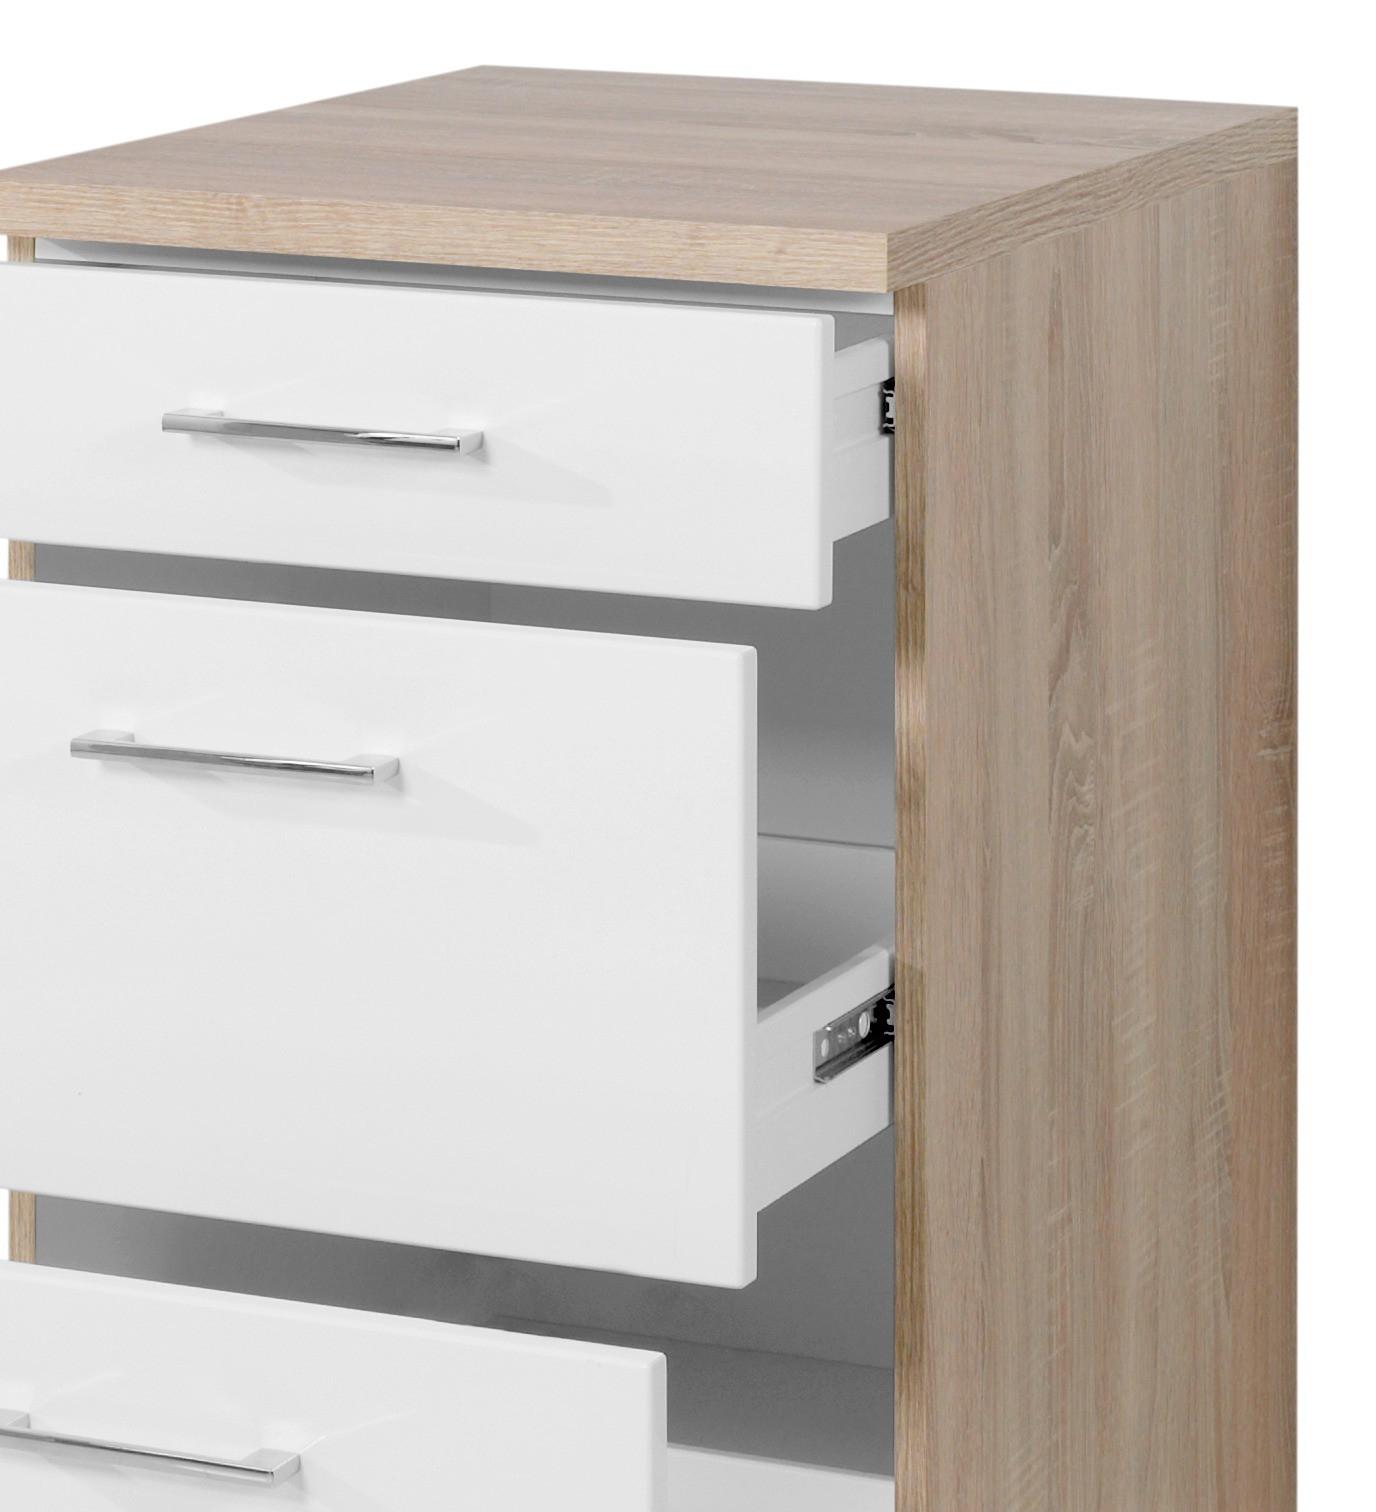 Full Size of Ikea Apothekerschrank Kchen Unterschrank 40 Cm Breit Front Neu Und Betten 160x200 Küche Kaufen Bei Sofa Mit Schlaffunktion Modulküche Kosten Miniküche Wohnzimmer Ikea Apothekerschrank